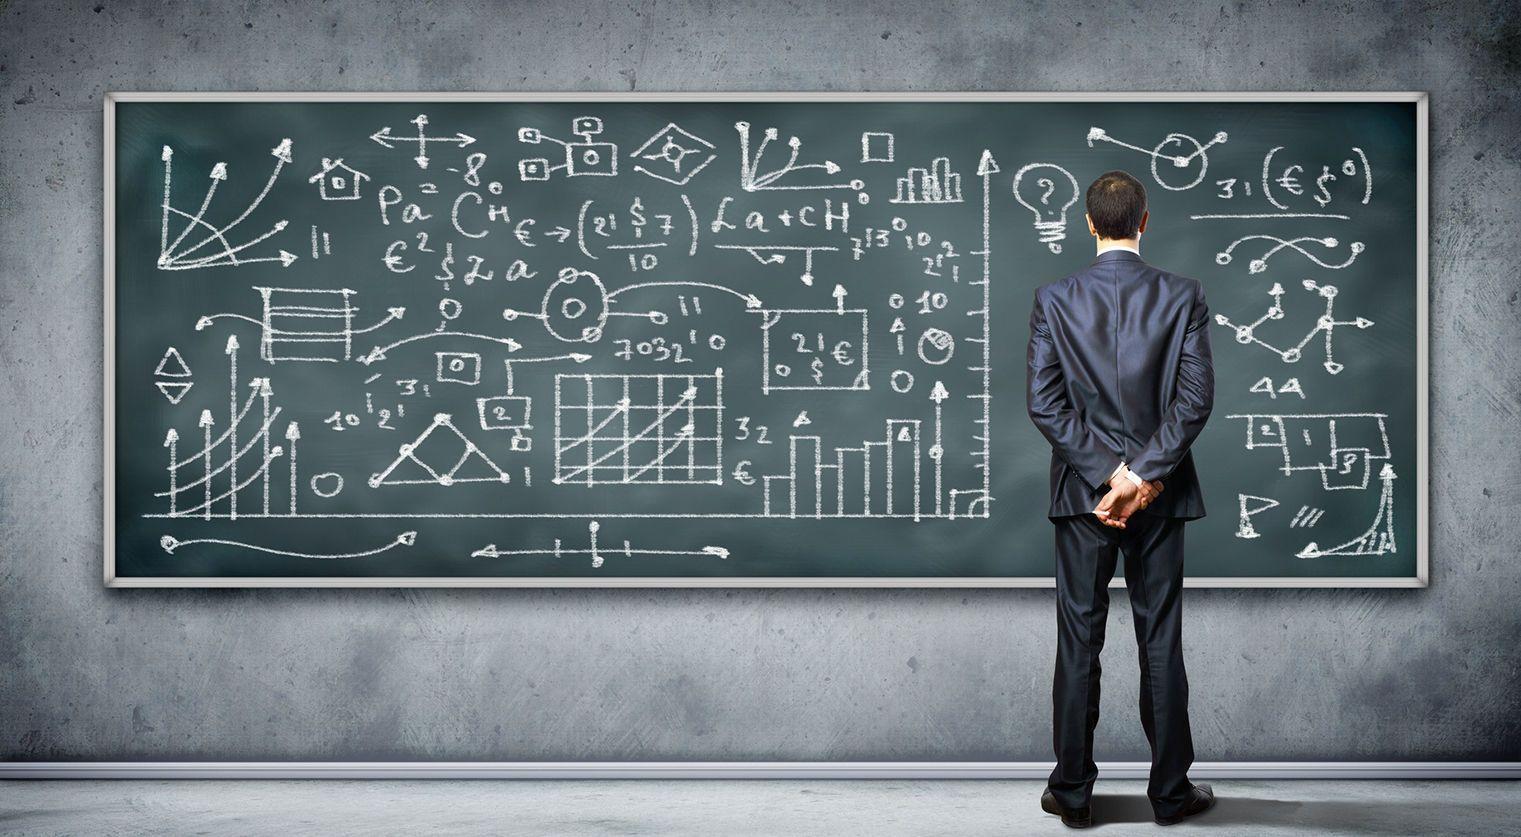 Motivaction doet onderzoek in het onderwijs en realiseert wetenschappelijke dataverzamelingsprojecten voor kennisinstituten en universiteiten met M-Science.